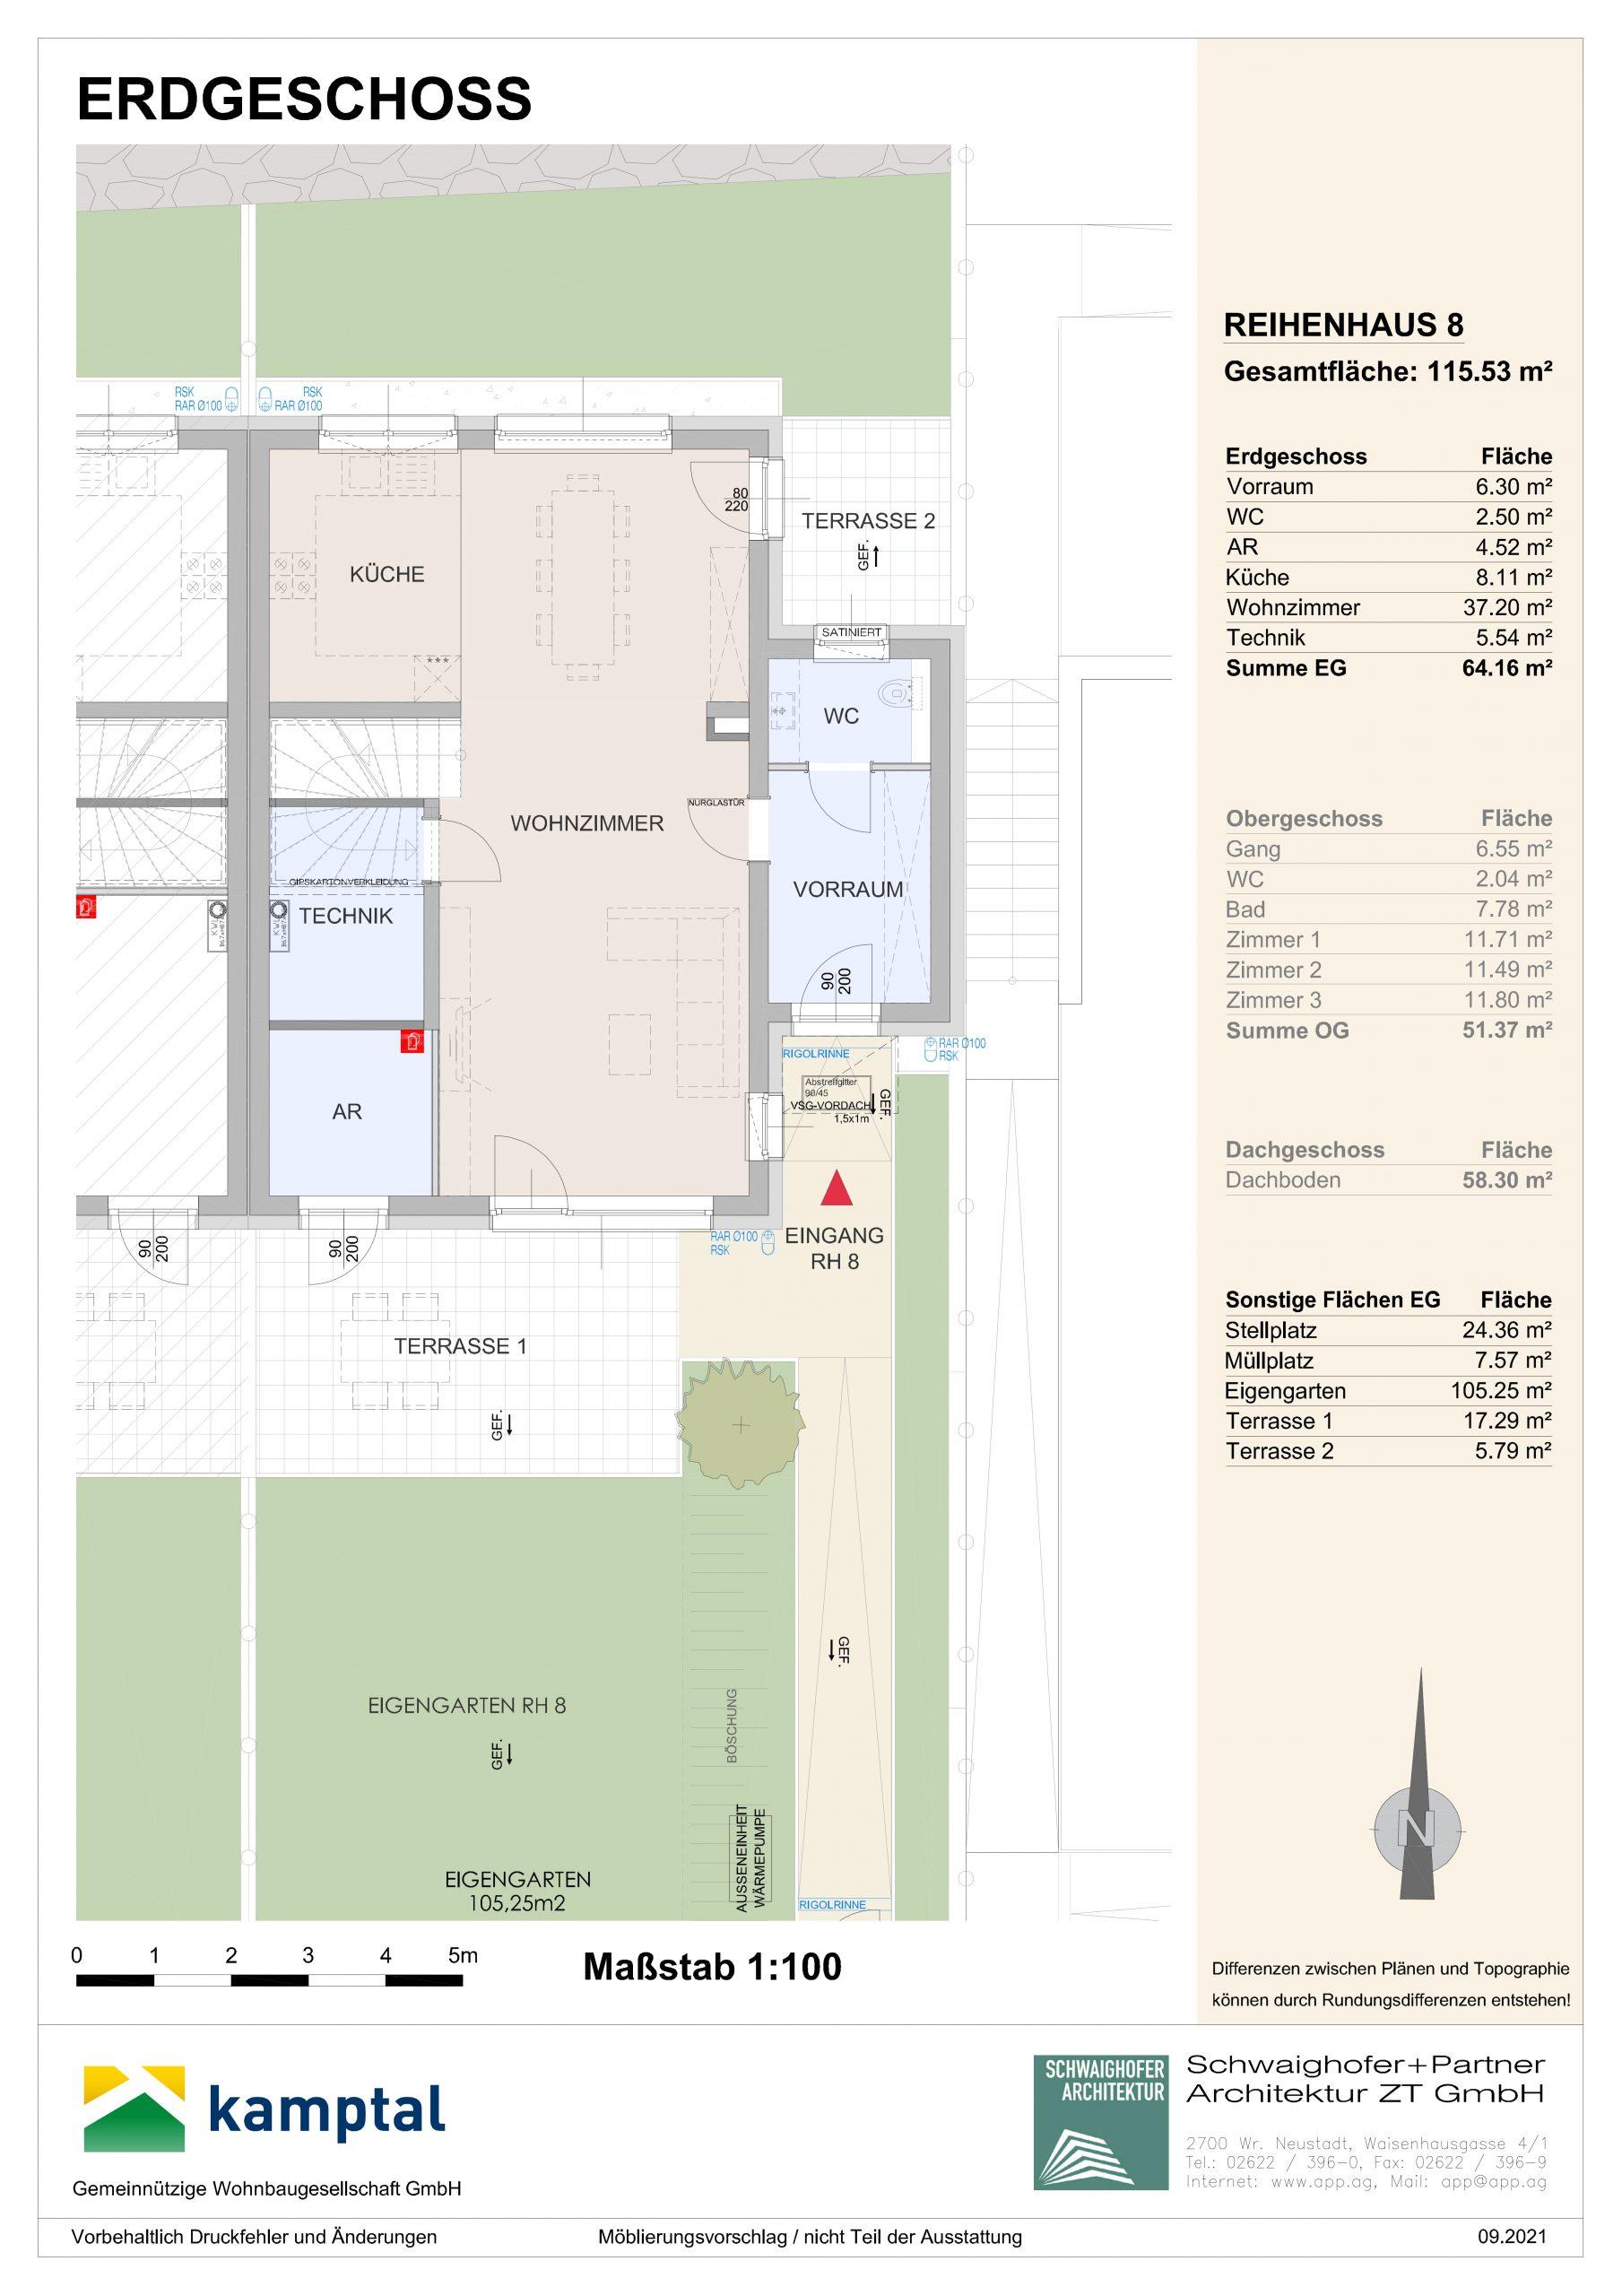 Immobilie von Kamptal in 3572 St. Leonhard am Hornerwald, Krems(Land), St. Leonhard/Hw. III/2 - Top 8 #1